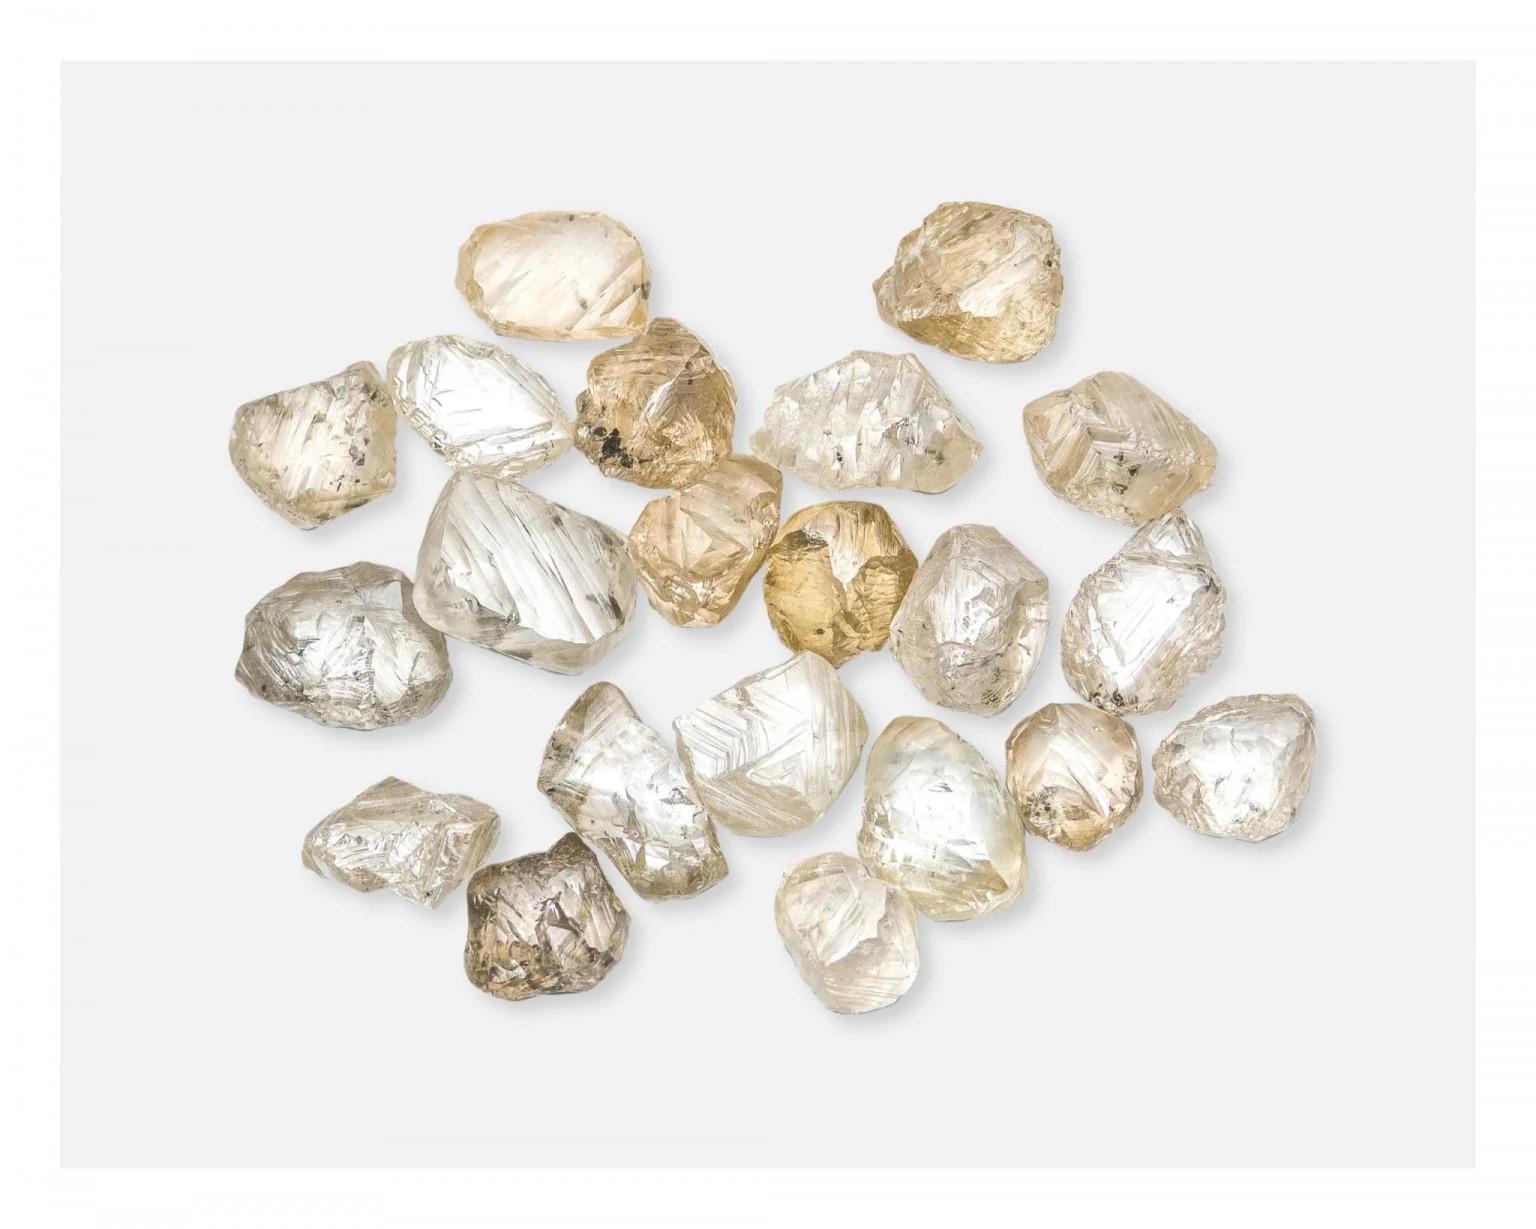 来自埃罗莎 钻石矿的棕色天然钻石